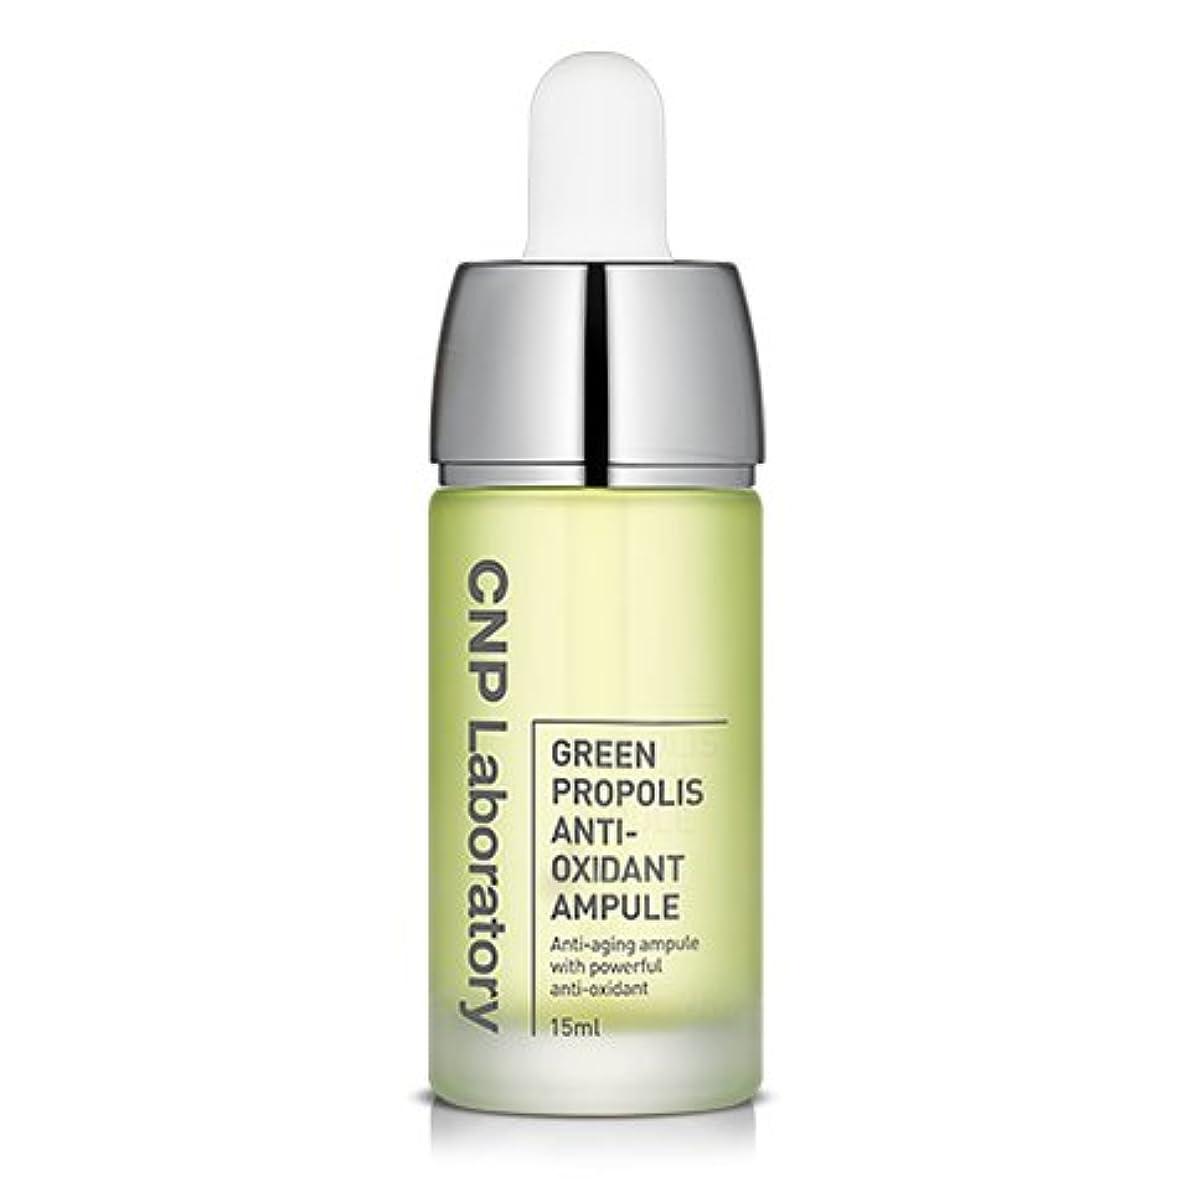 無駄不要バインドCNP Laboratory グリーンプロポリス酸化防止剤アンプル/Green Propolis Anti-Oxidant Ampule 15ml [並行輸入品]